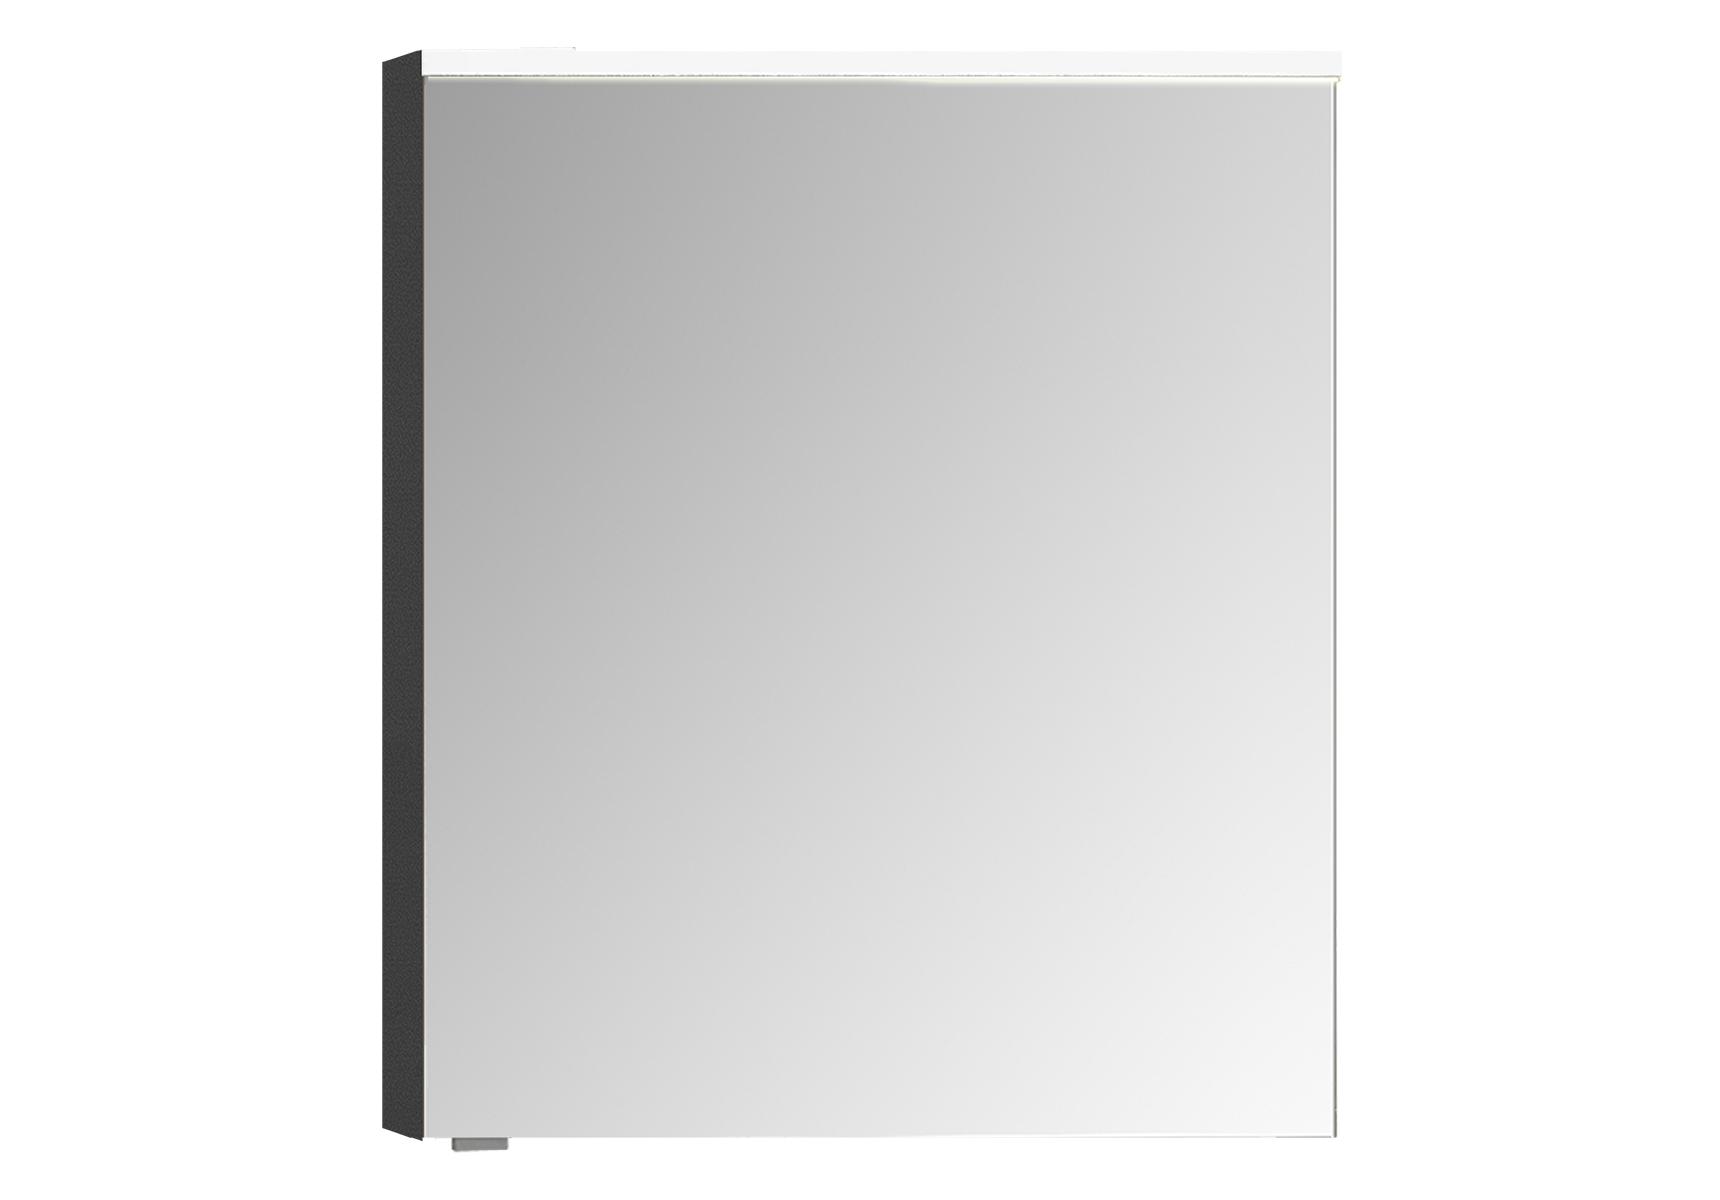 Sento Premium LED-Spiegelschrank, 60 cm, Türanschlag rechts, Anthrazit Matt